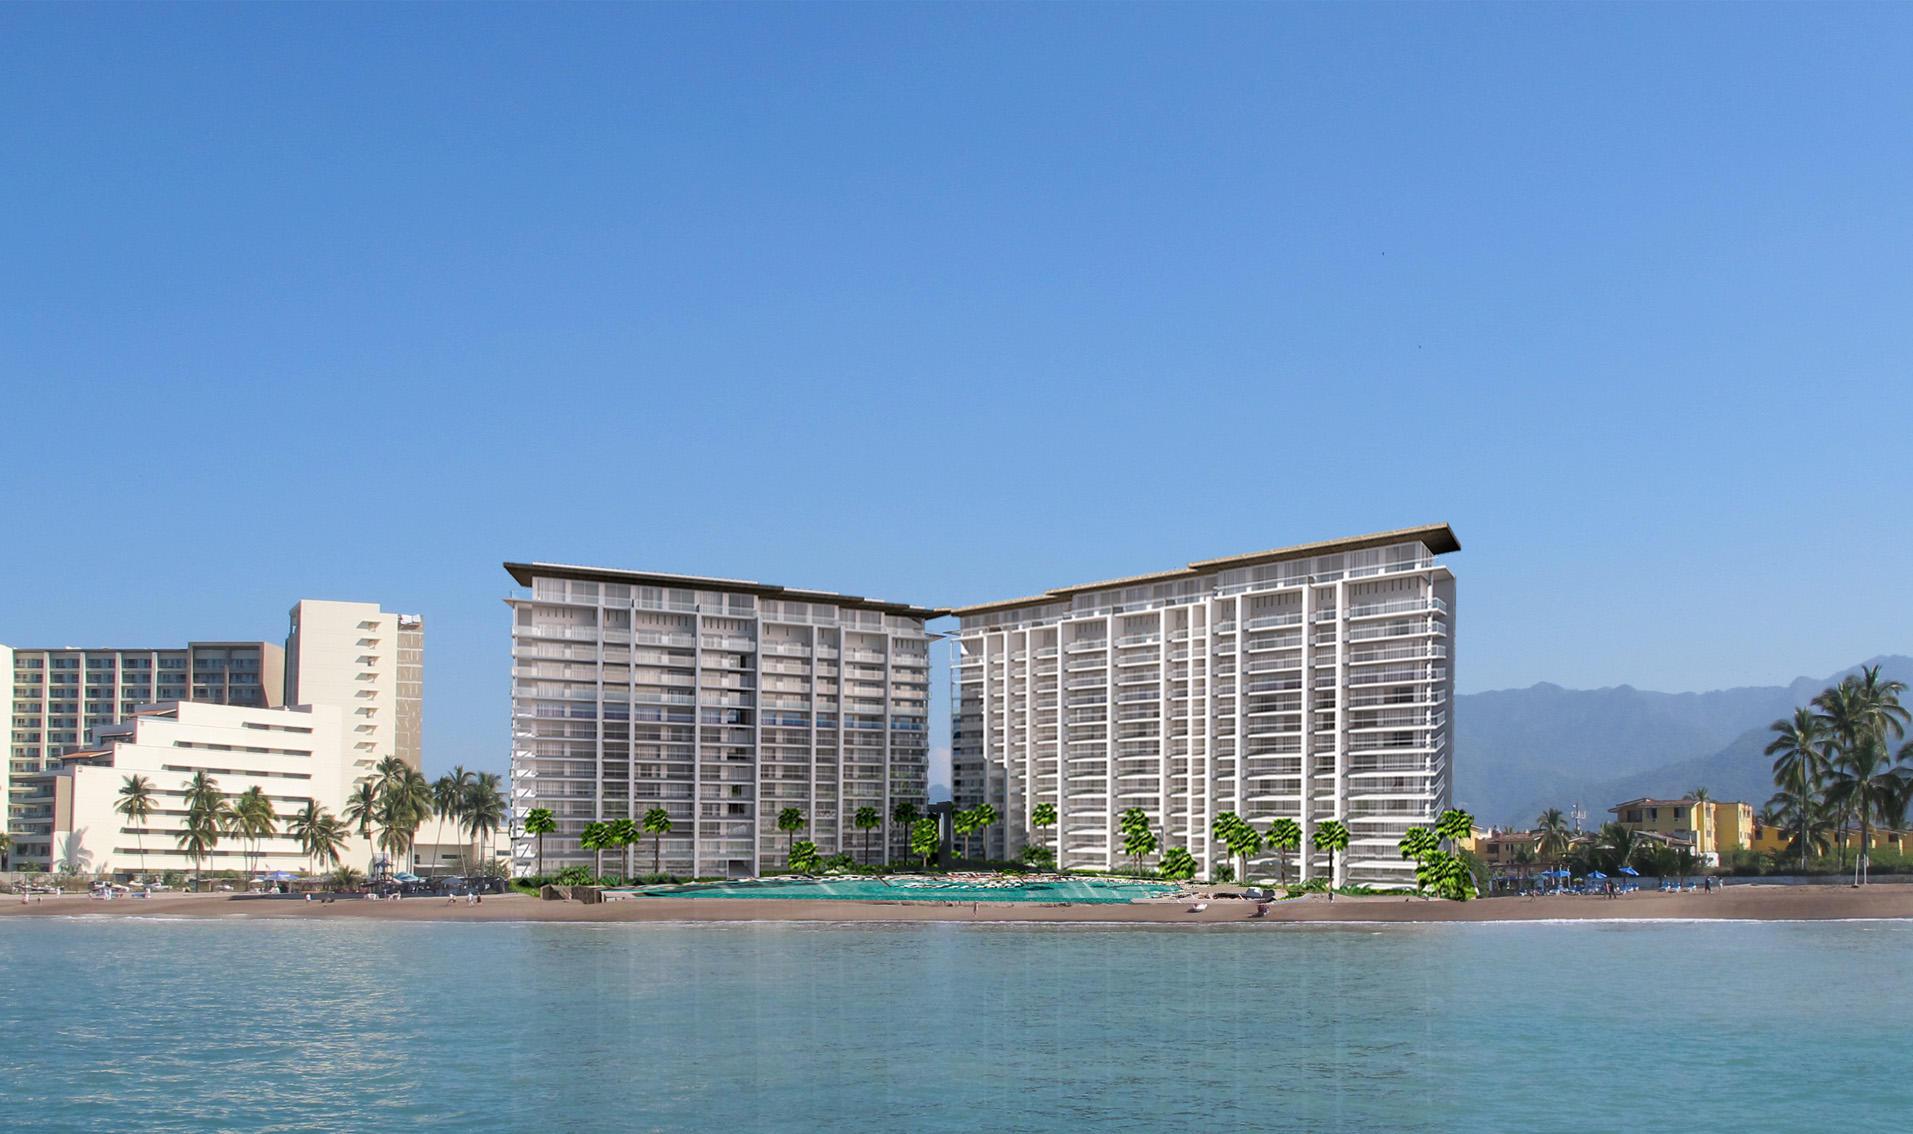 Hotel Zone, 2 Bedrooms Bedrooms, ,2 BathroomsBathrooms,Condo,For Sale,Febronio Uribe,12549